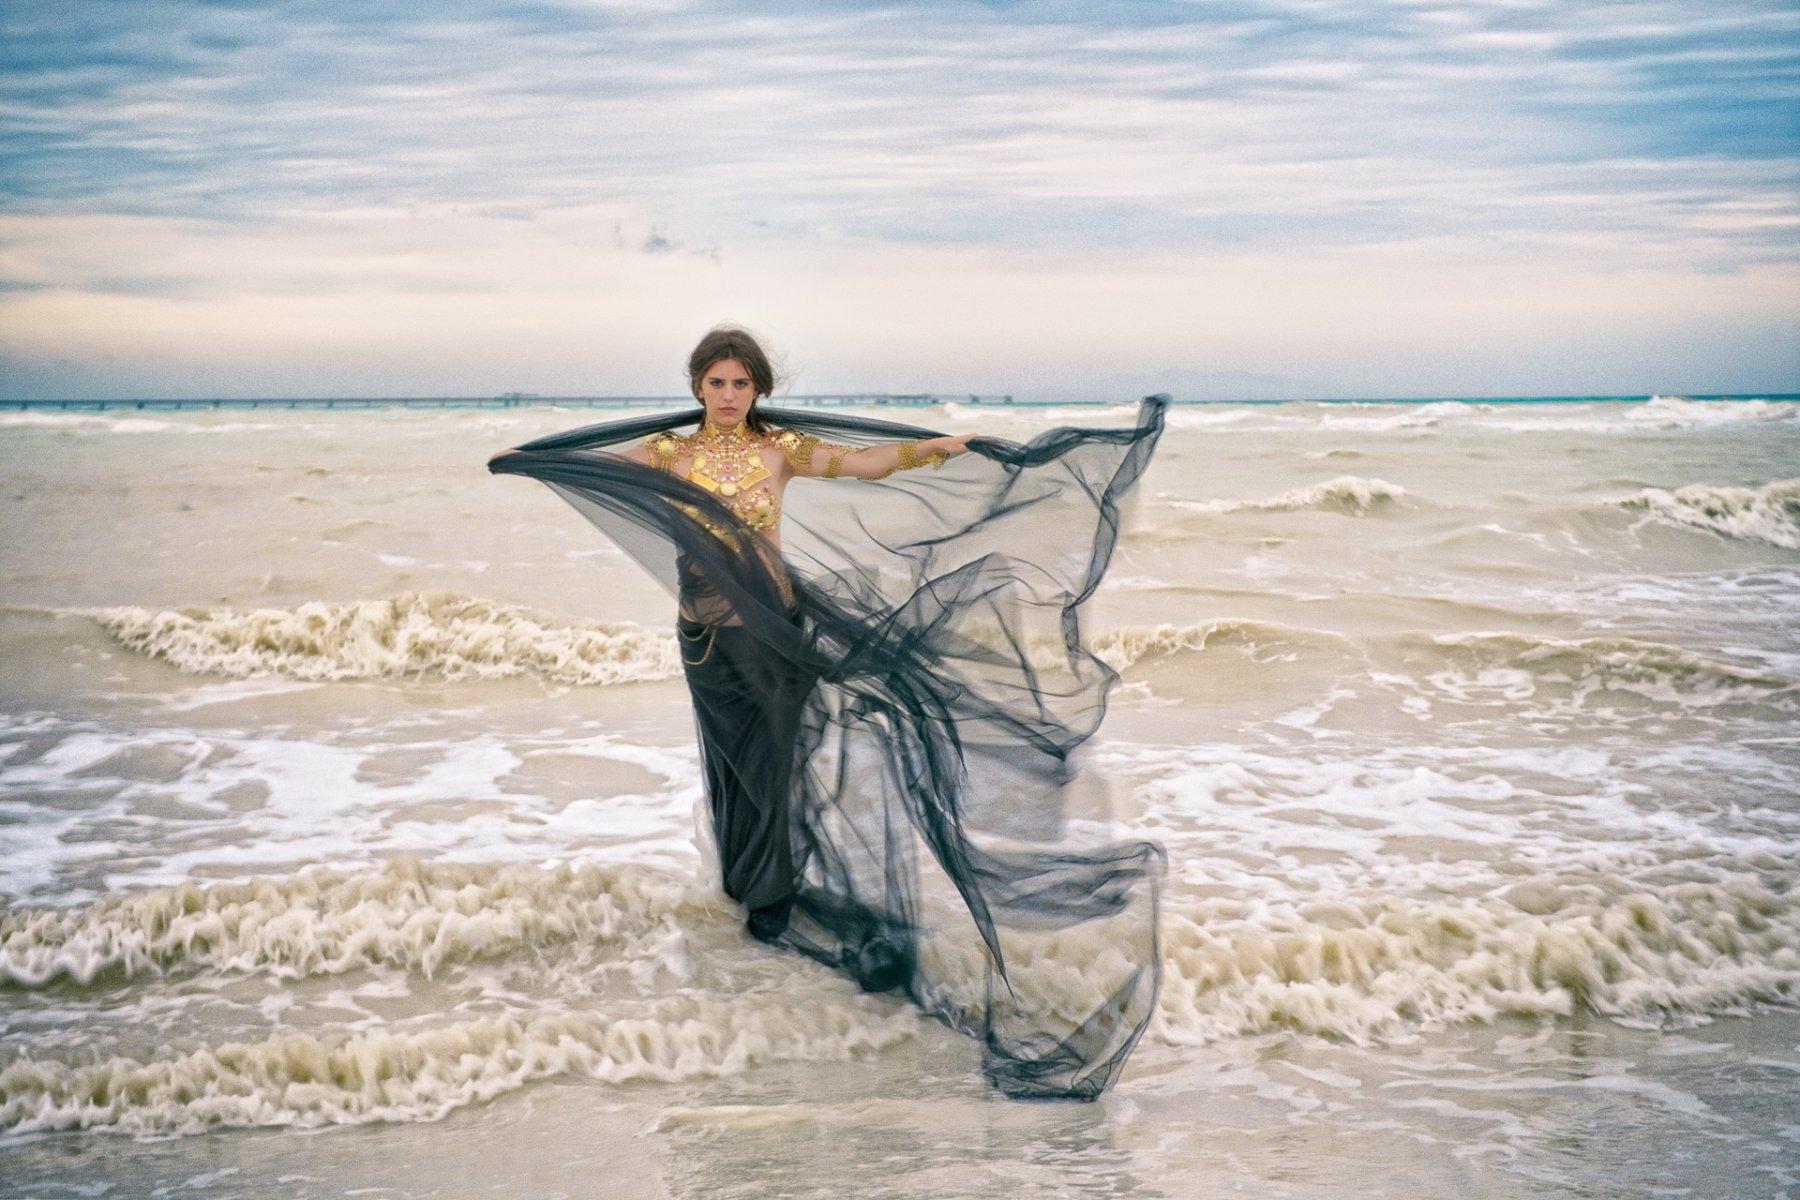 Sea Queens - Idriss Guelai